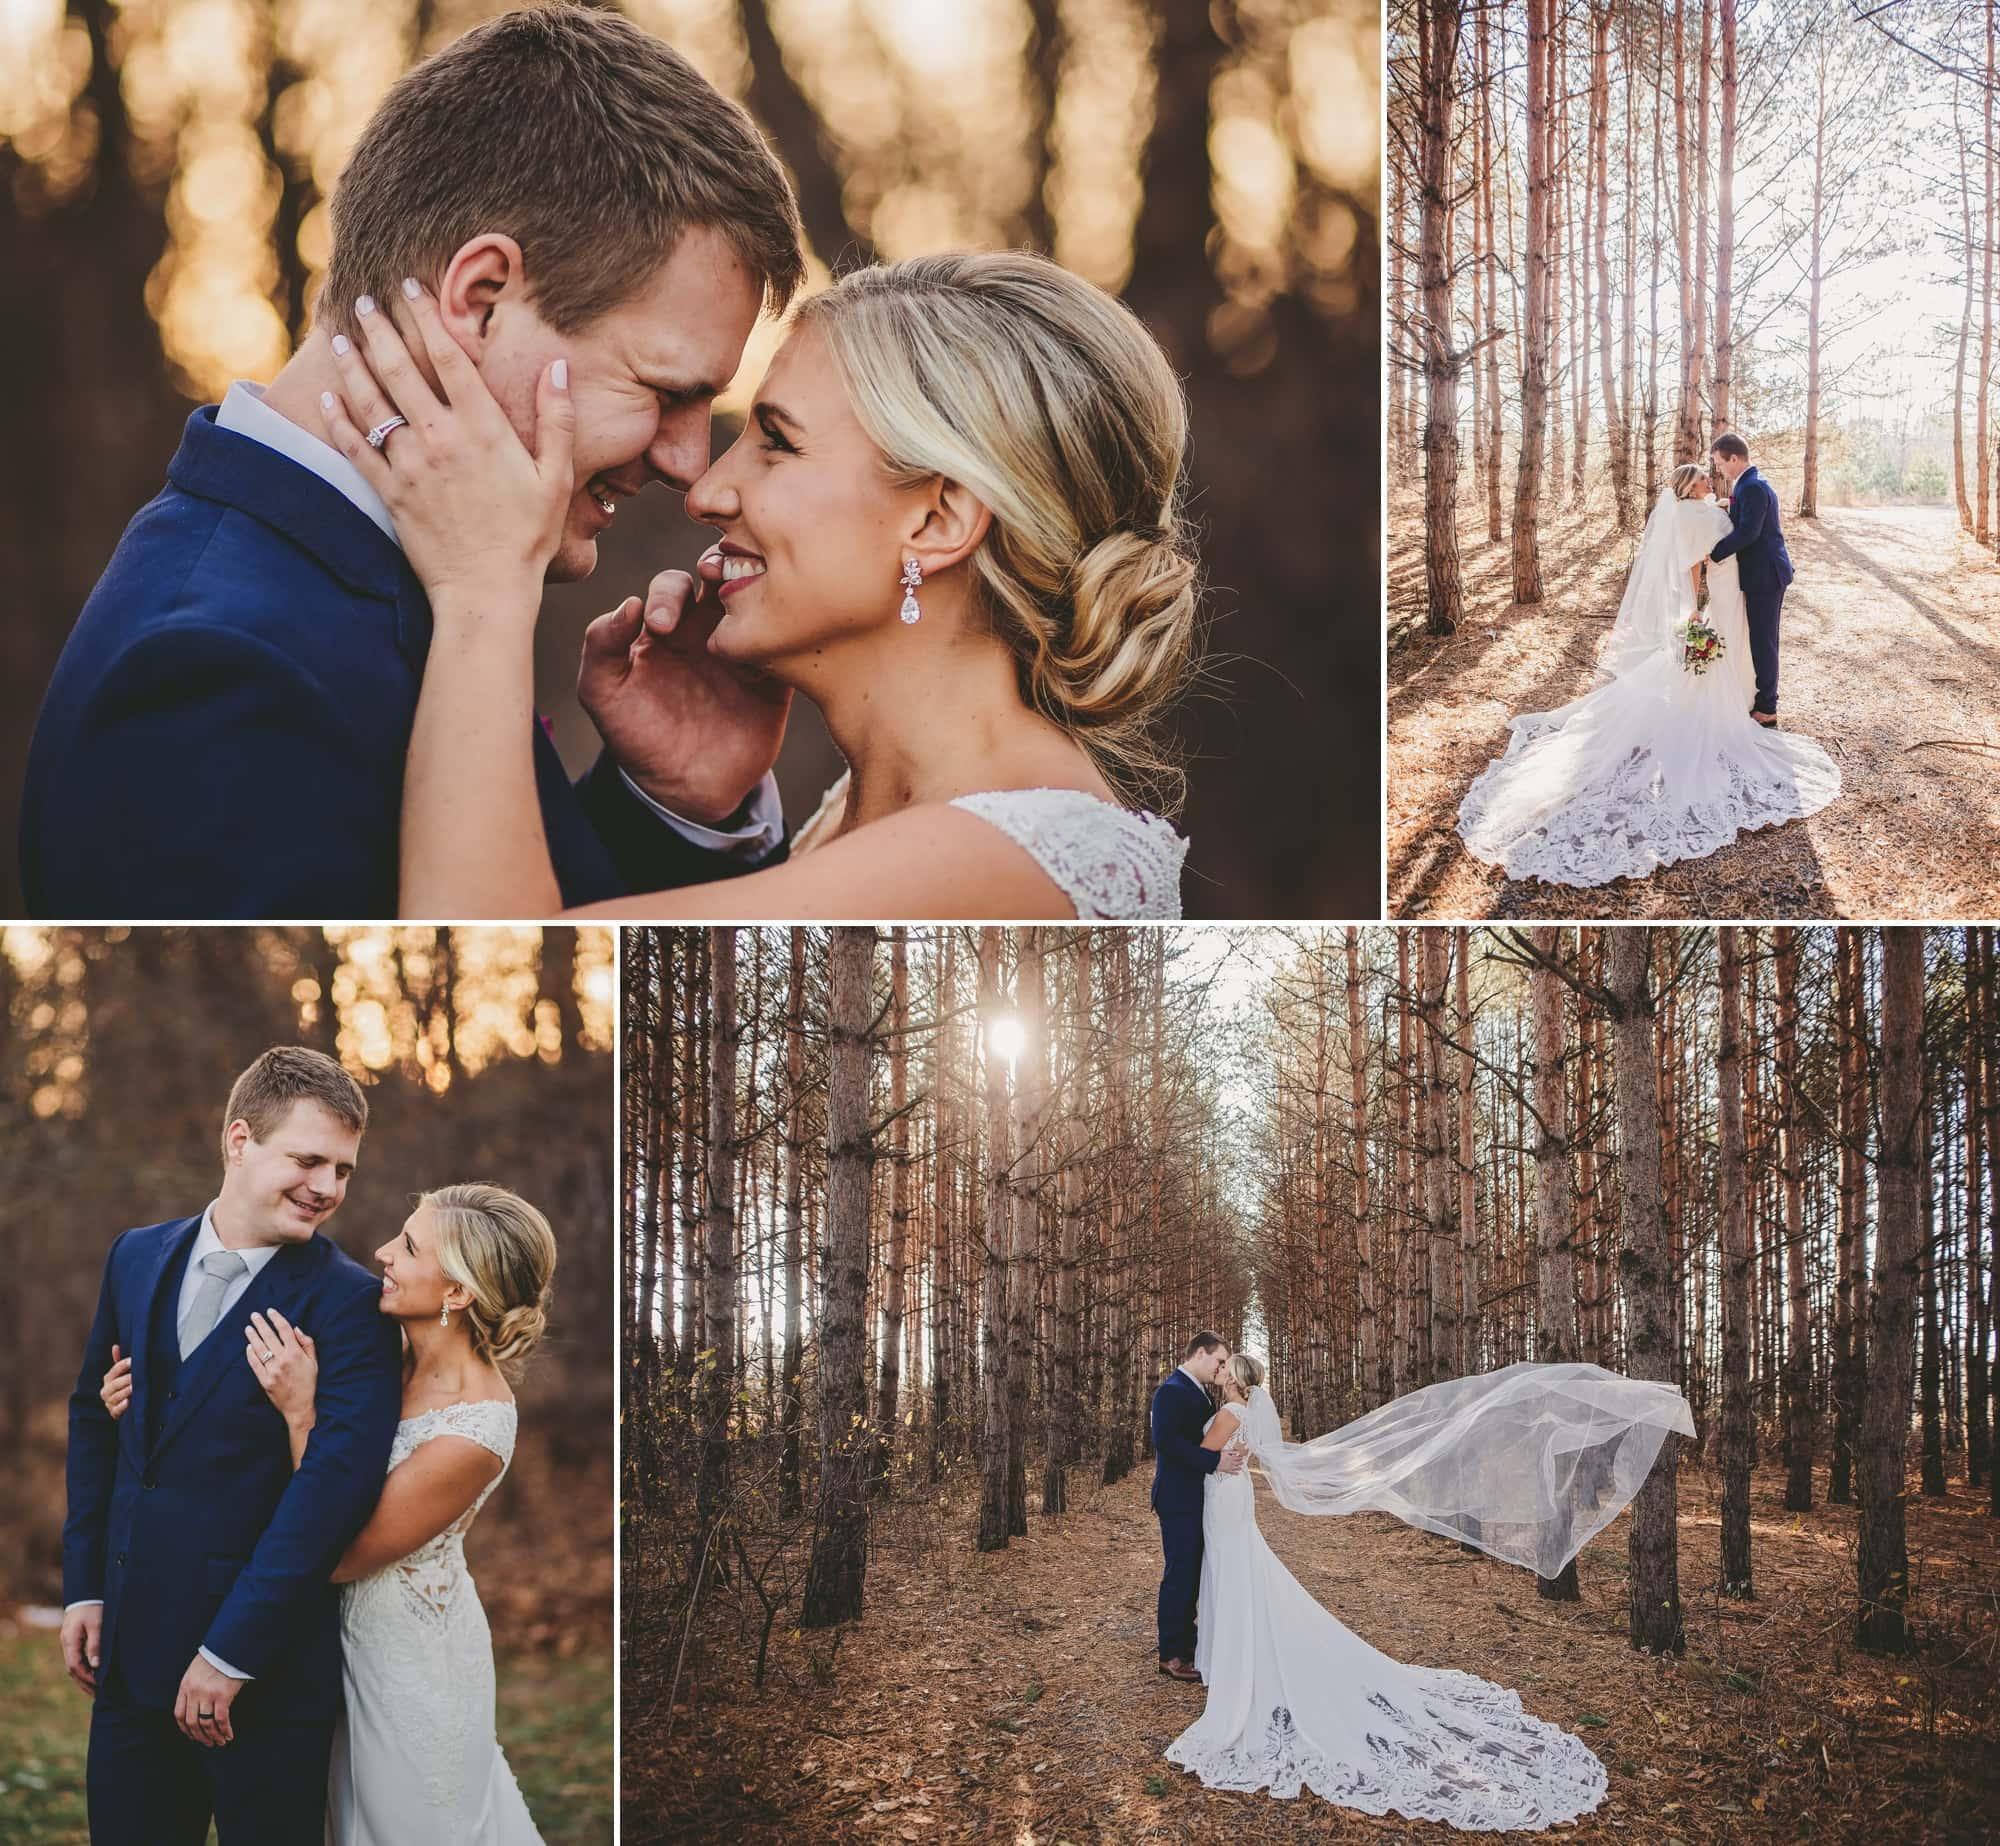 Nicole and Tony's November wedding photos.